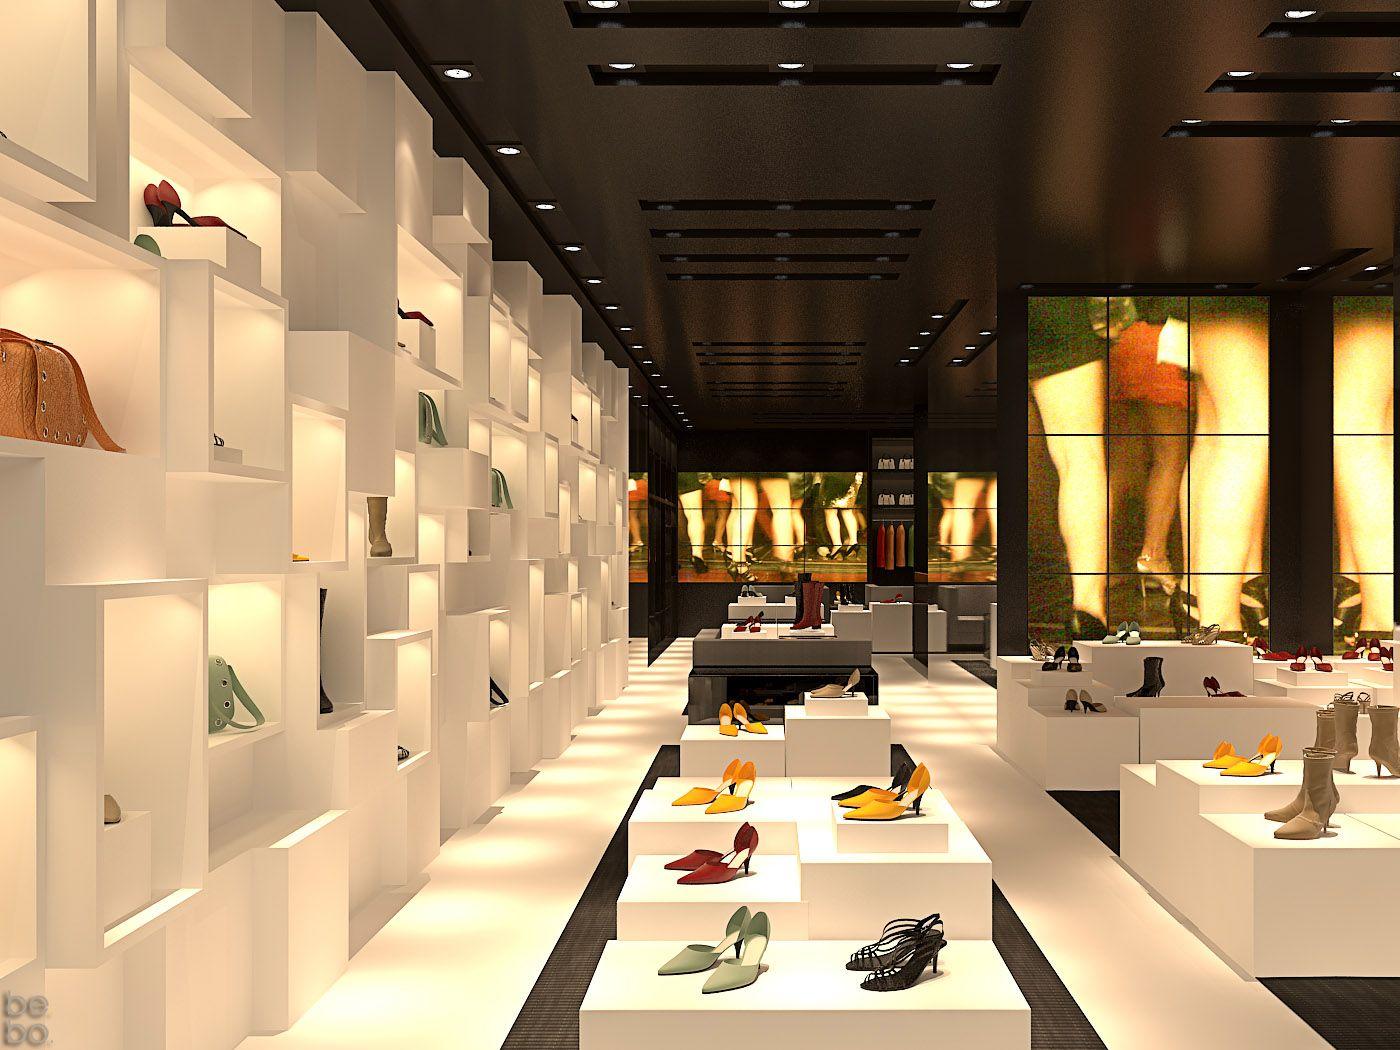 b045ae8891 Pin de ΣΤΑΥΡΟΣ em μαγαζι με παπουτσια   Lojas de sapatos, Lojas de ...